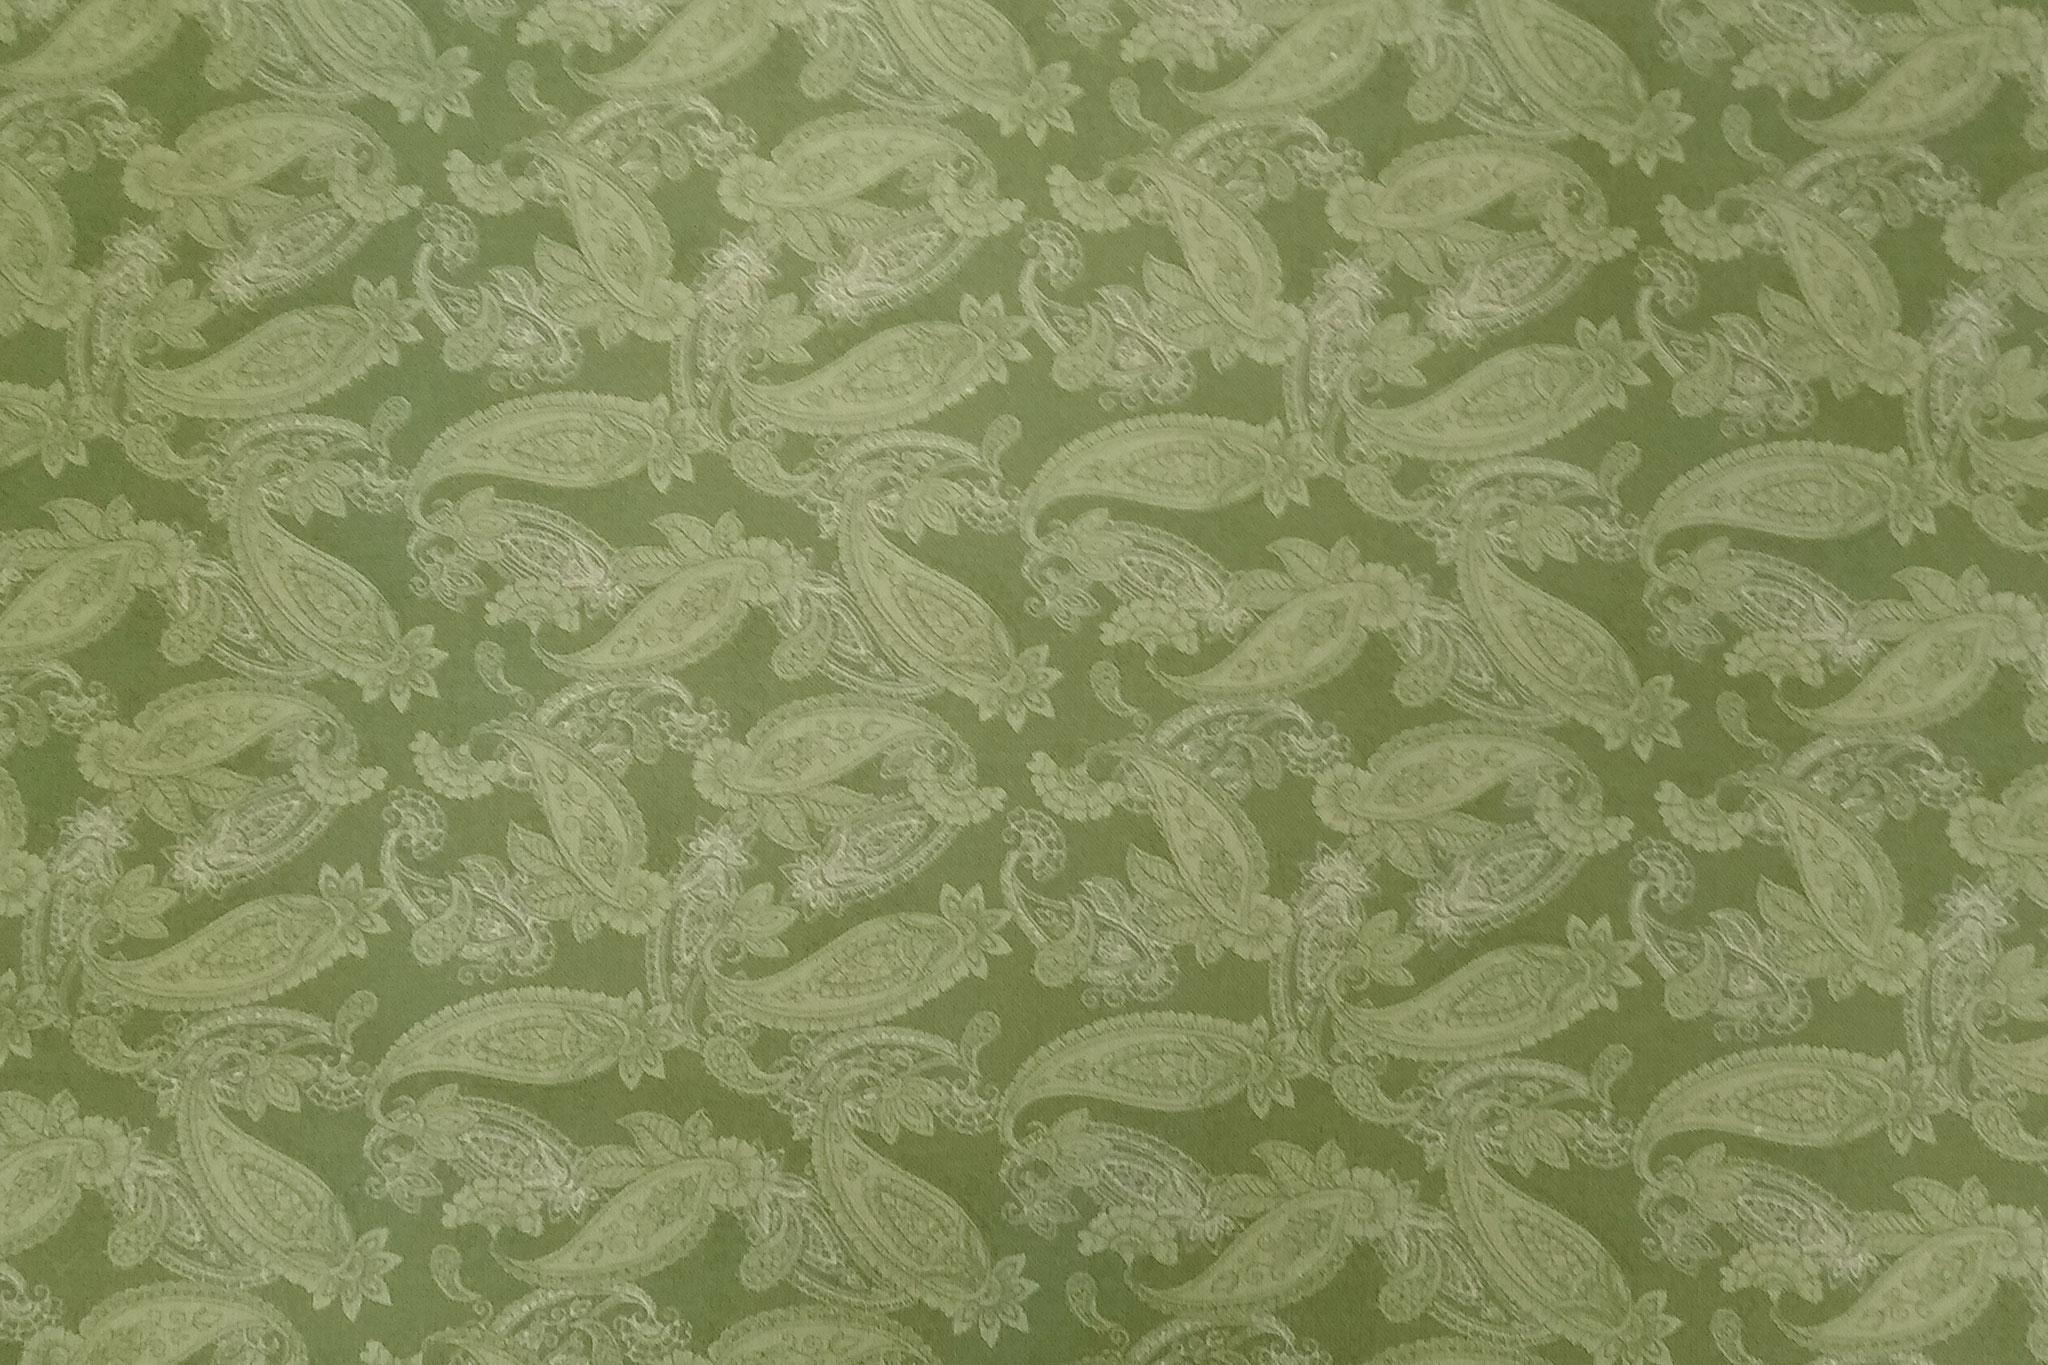 Baumwolle Paisley, grün, 140cm breit, 0.5m 7.00€